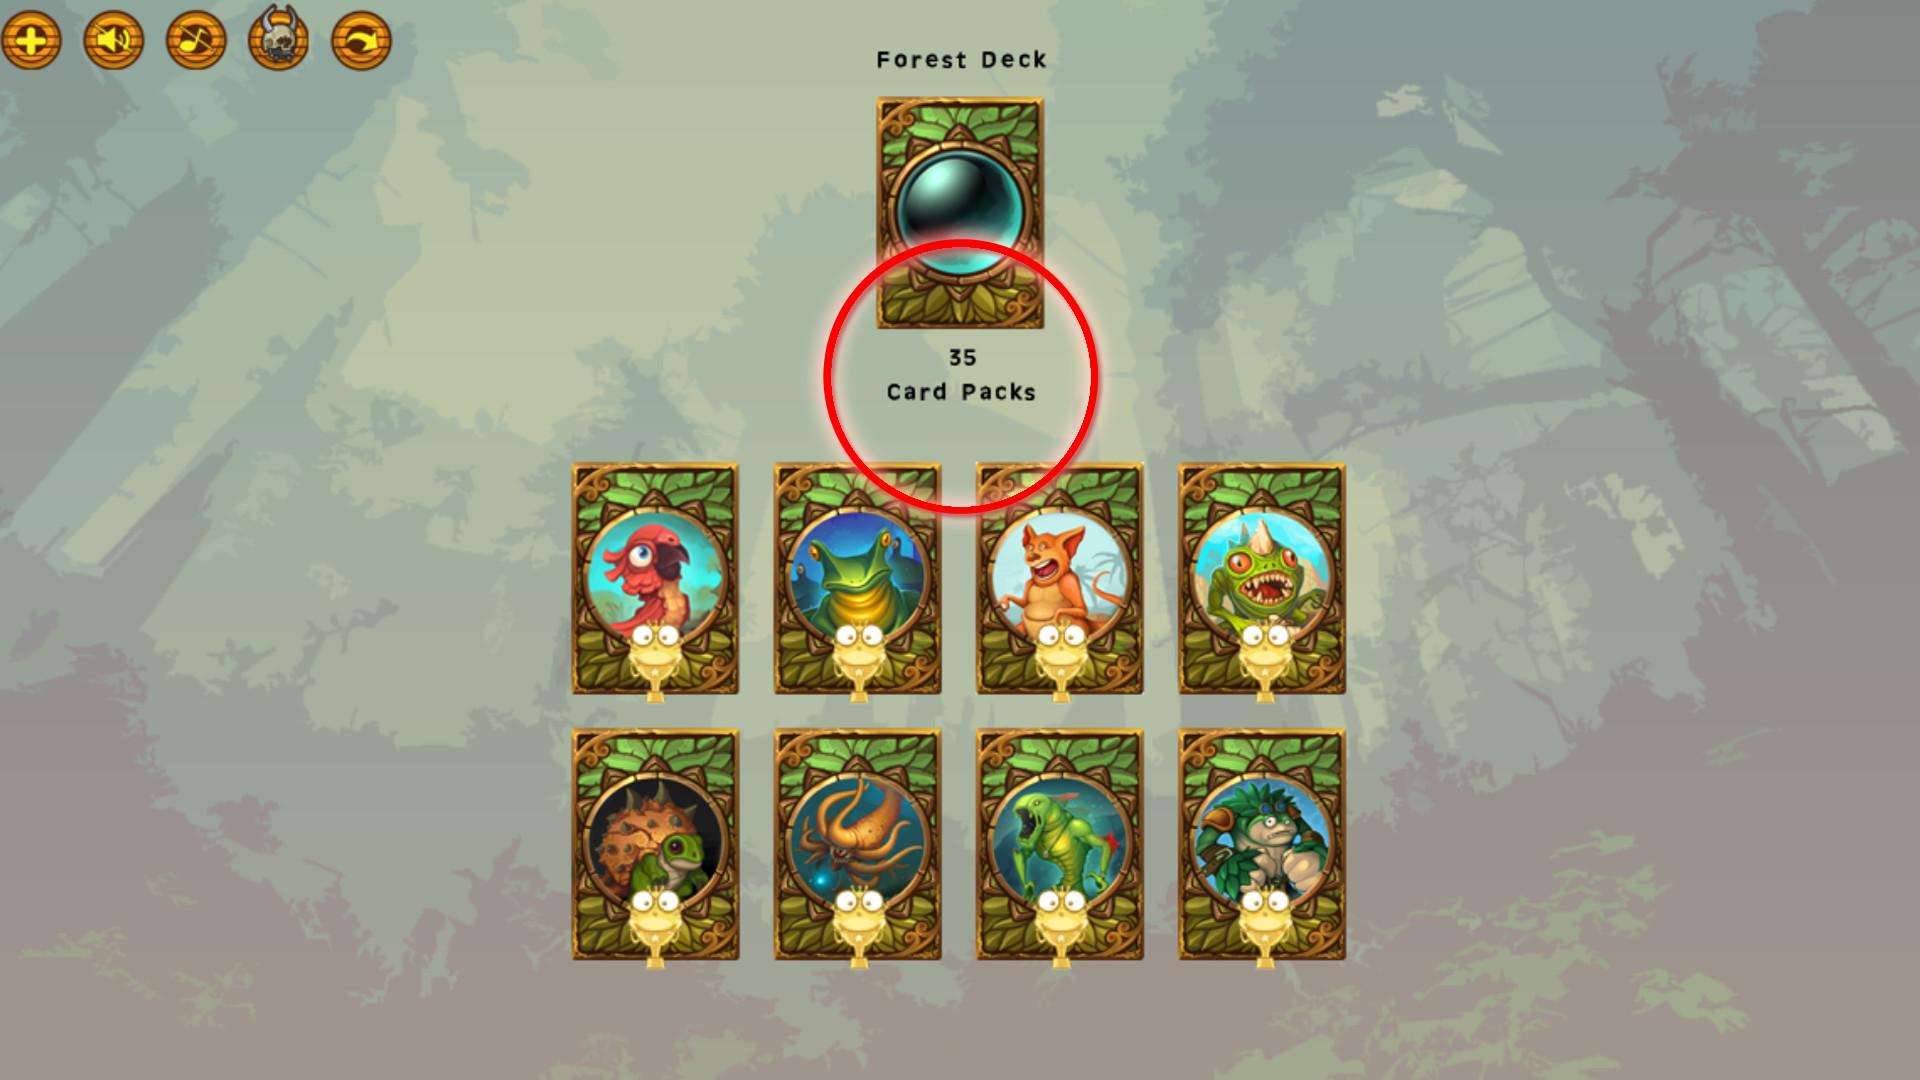 Creature Clicker - 100 Forest Deck Card Packs screenshot